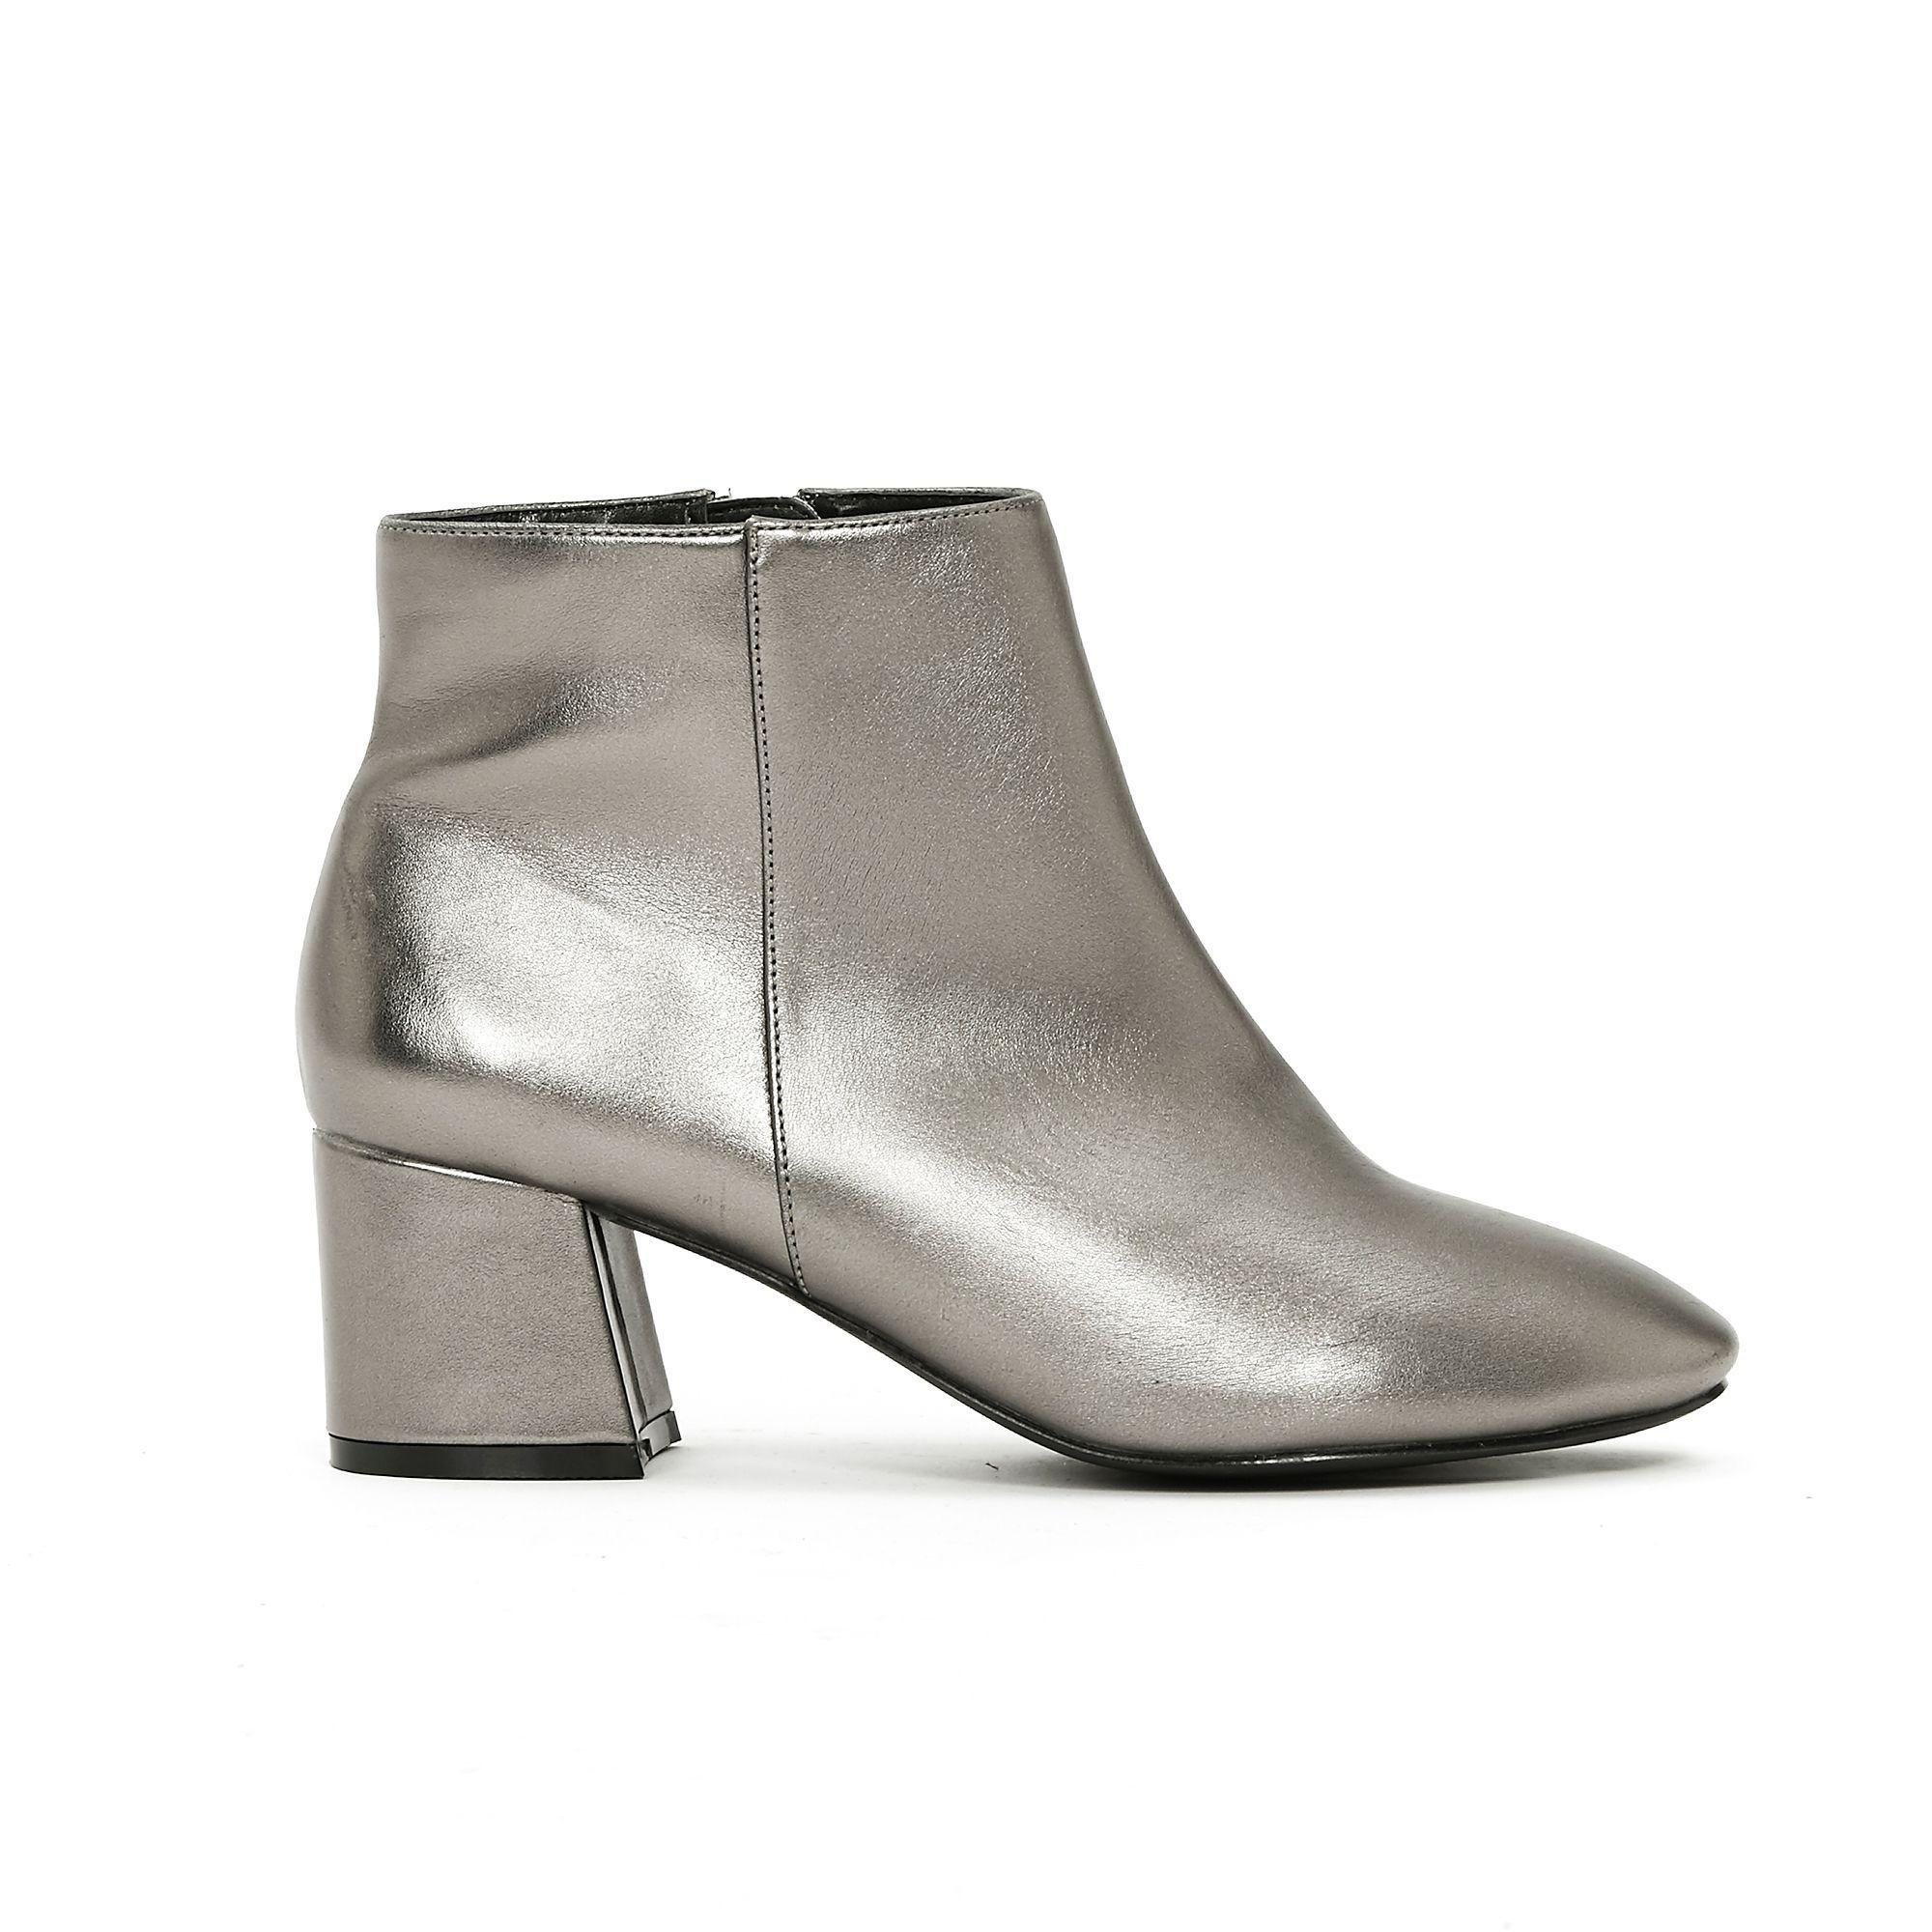 980b351e8716d Evans Wide Fit Metallic Block Heel Ankle Boots in Metallic - Lyst